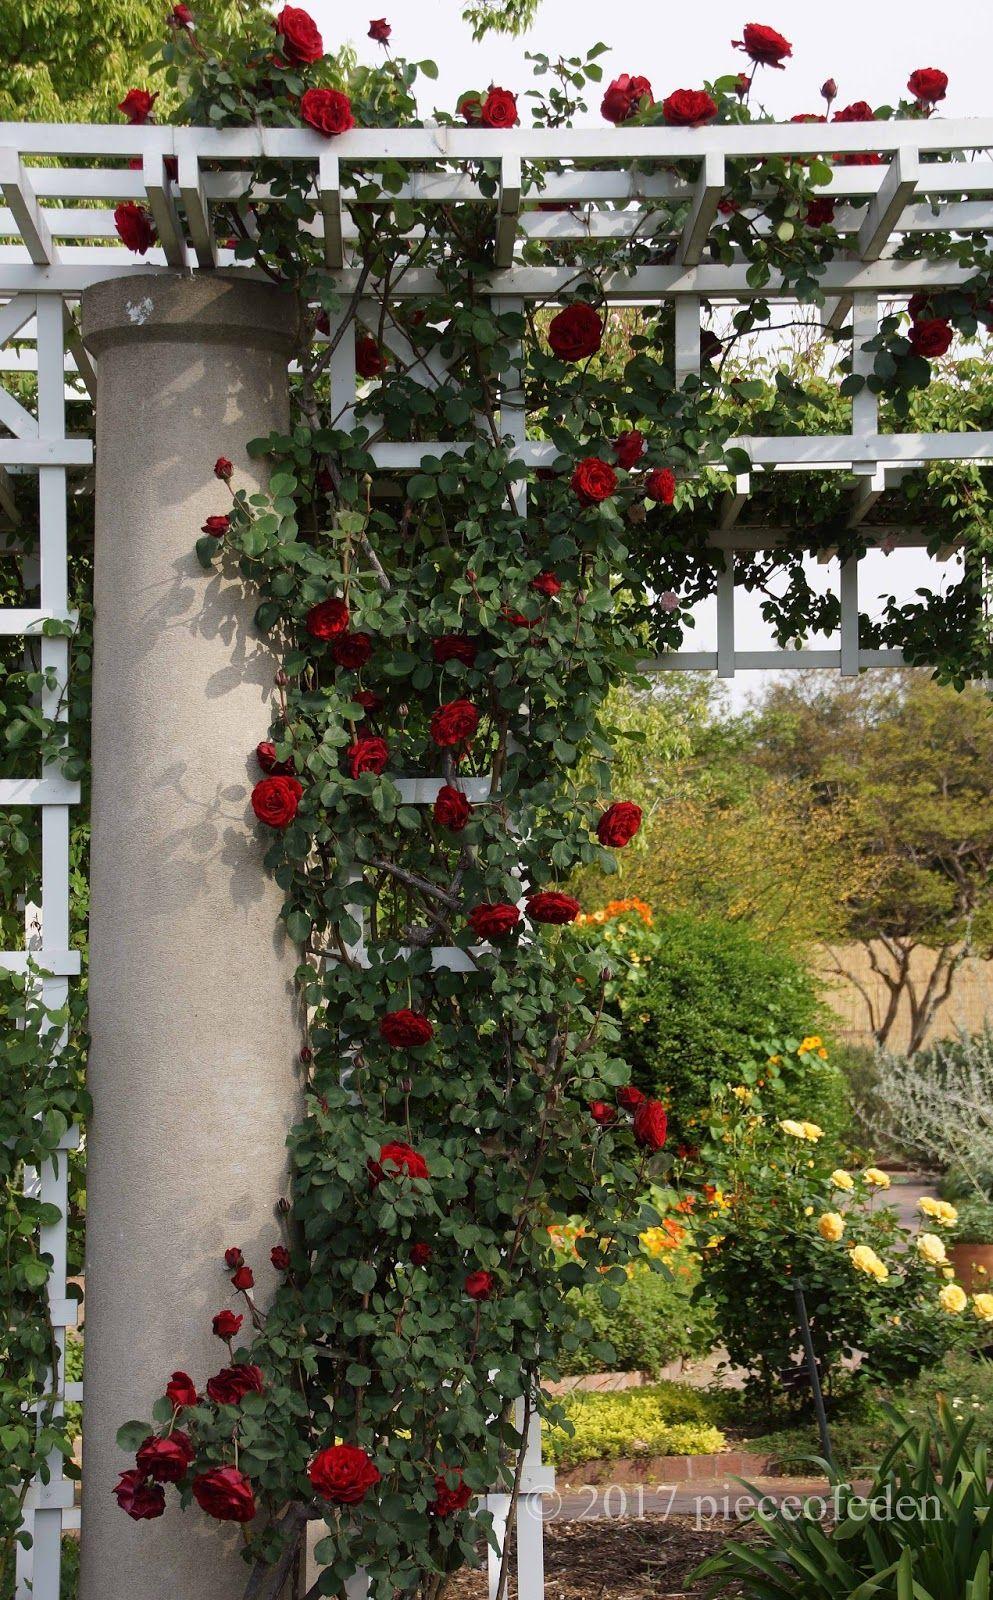 Trellis arbor at Huntington rose garden, with climbing \'Don Juan ...